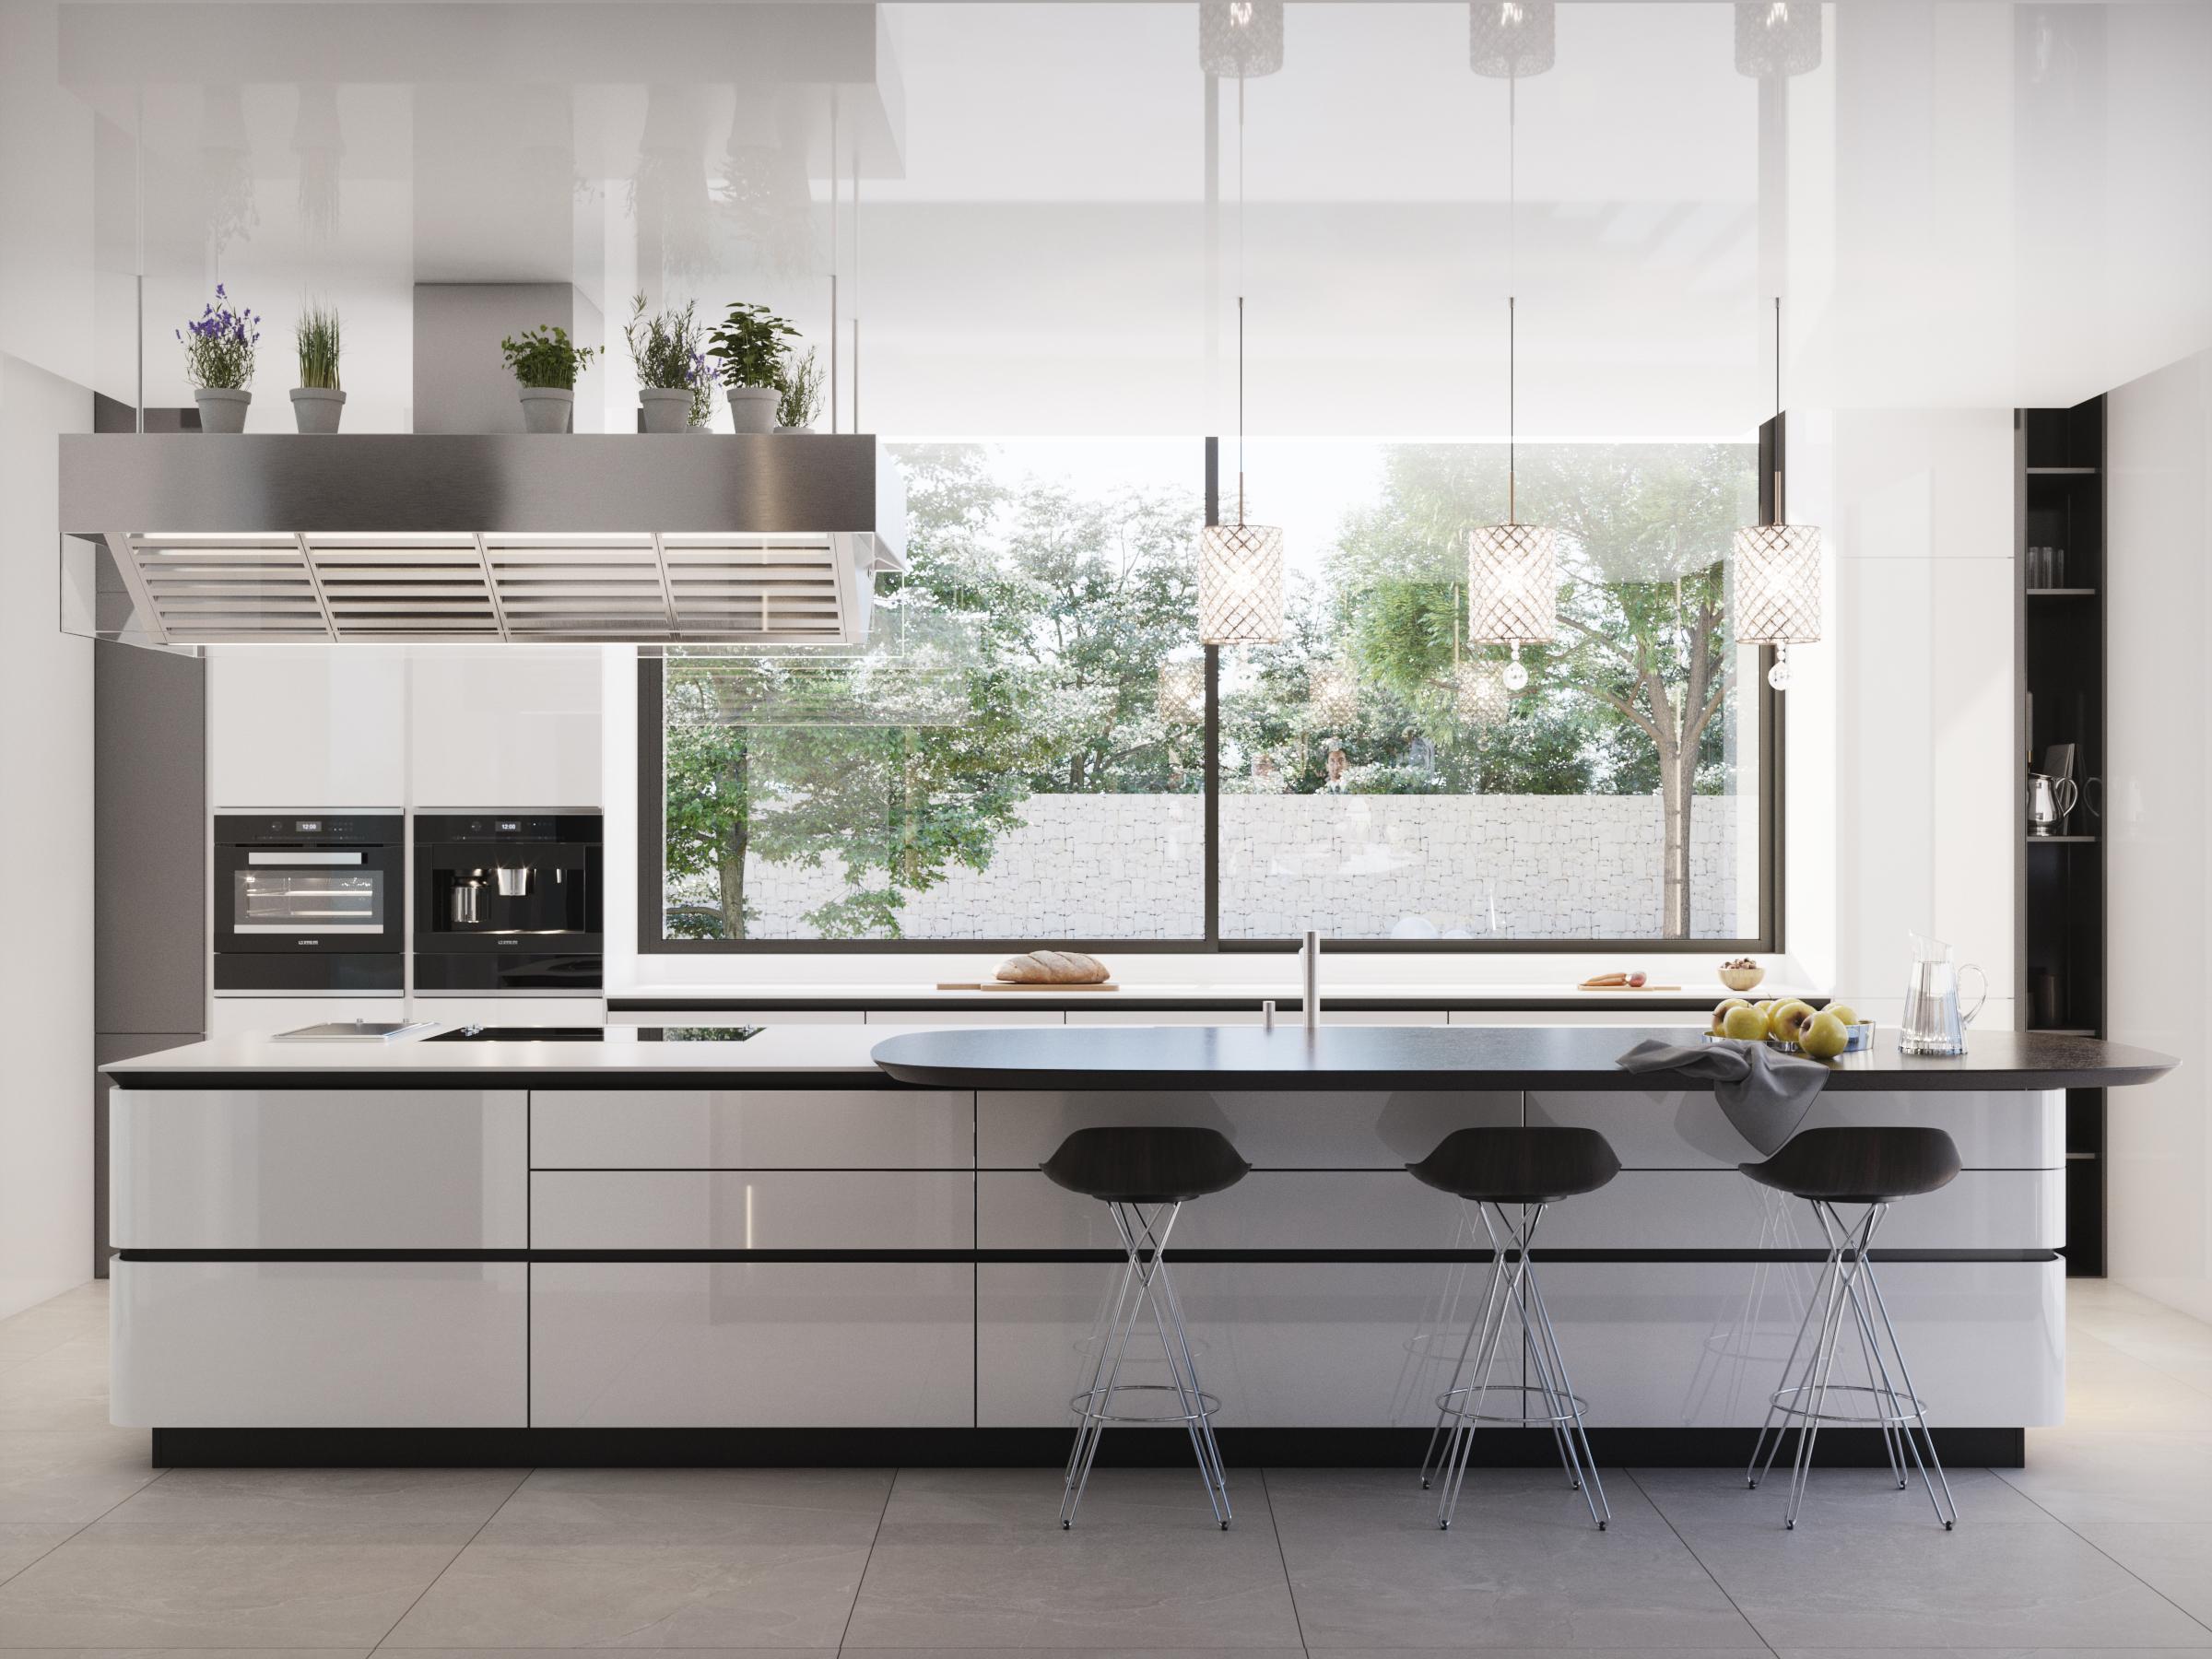 cocina_View01